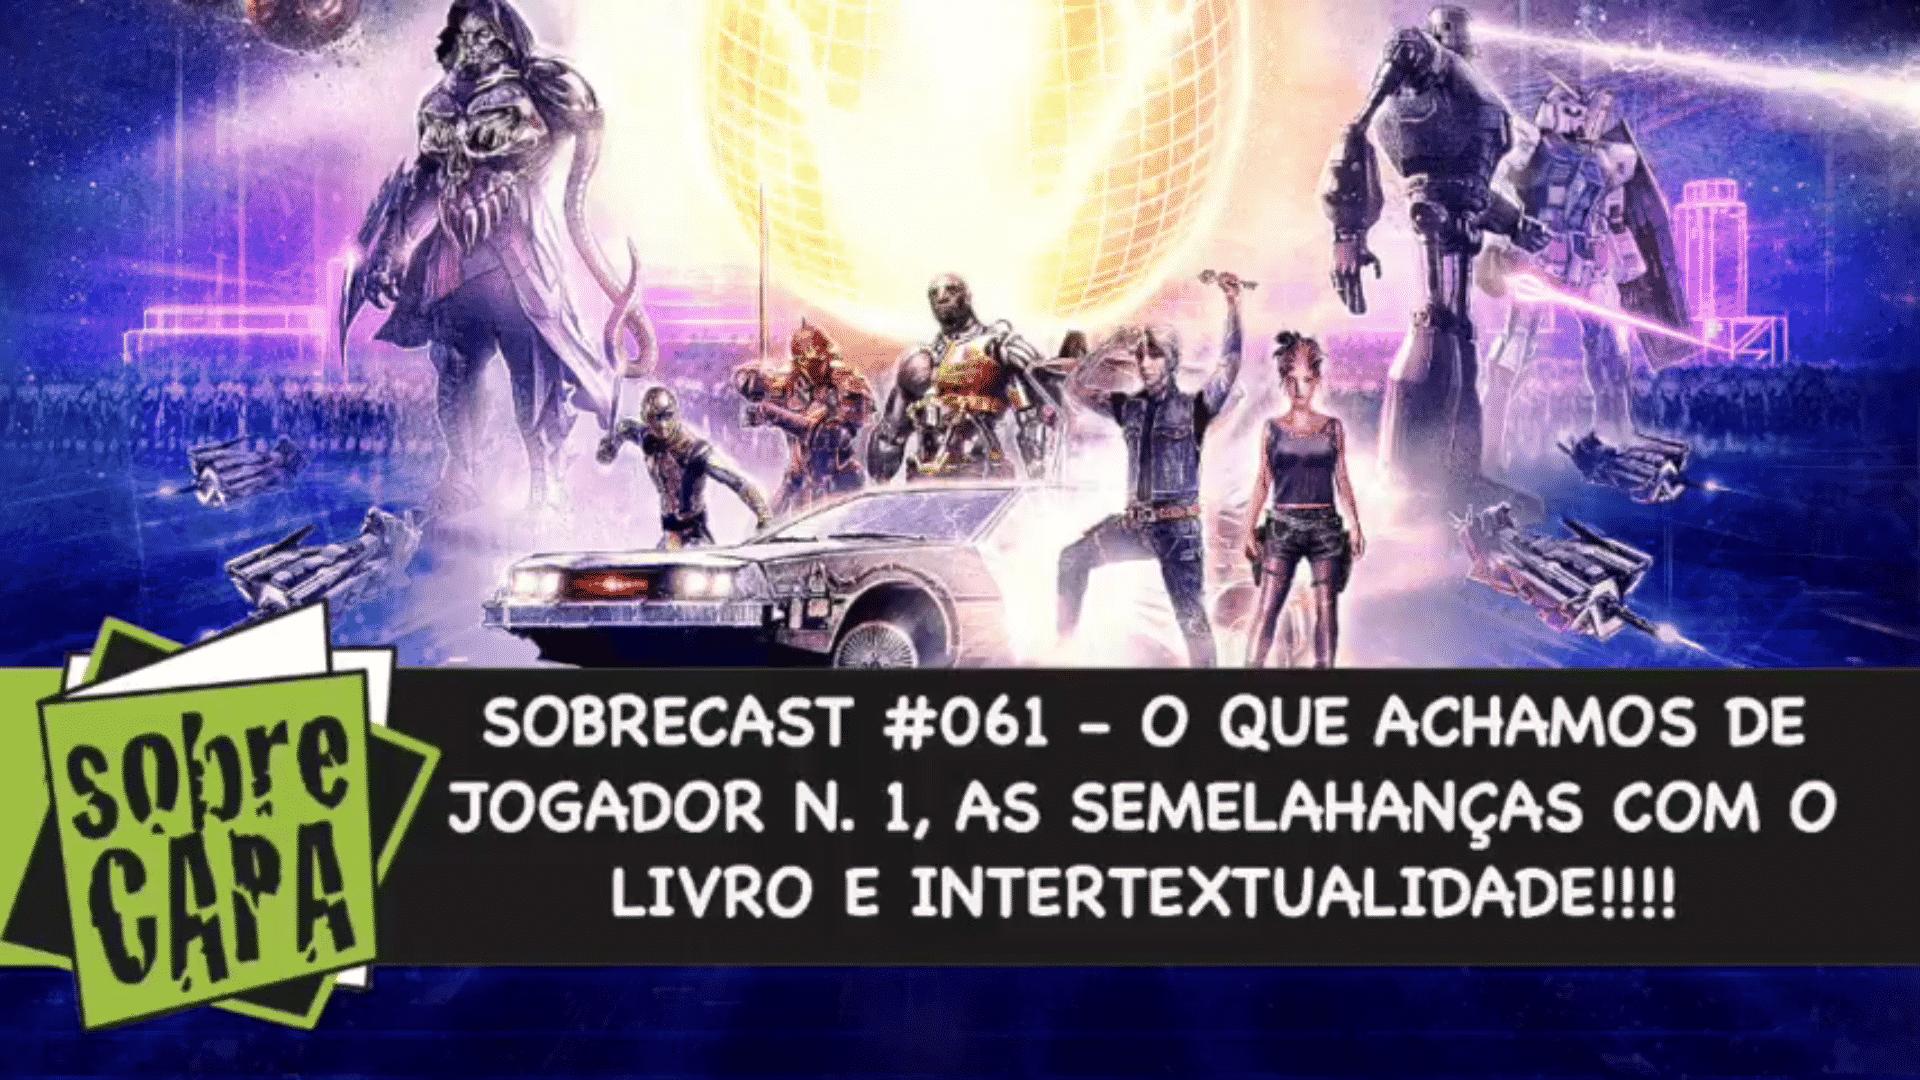 Sobrecast #061 – O que achamos de Jogador N. 1 e mais!!!